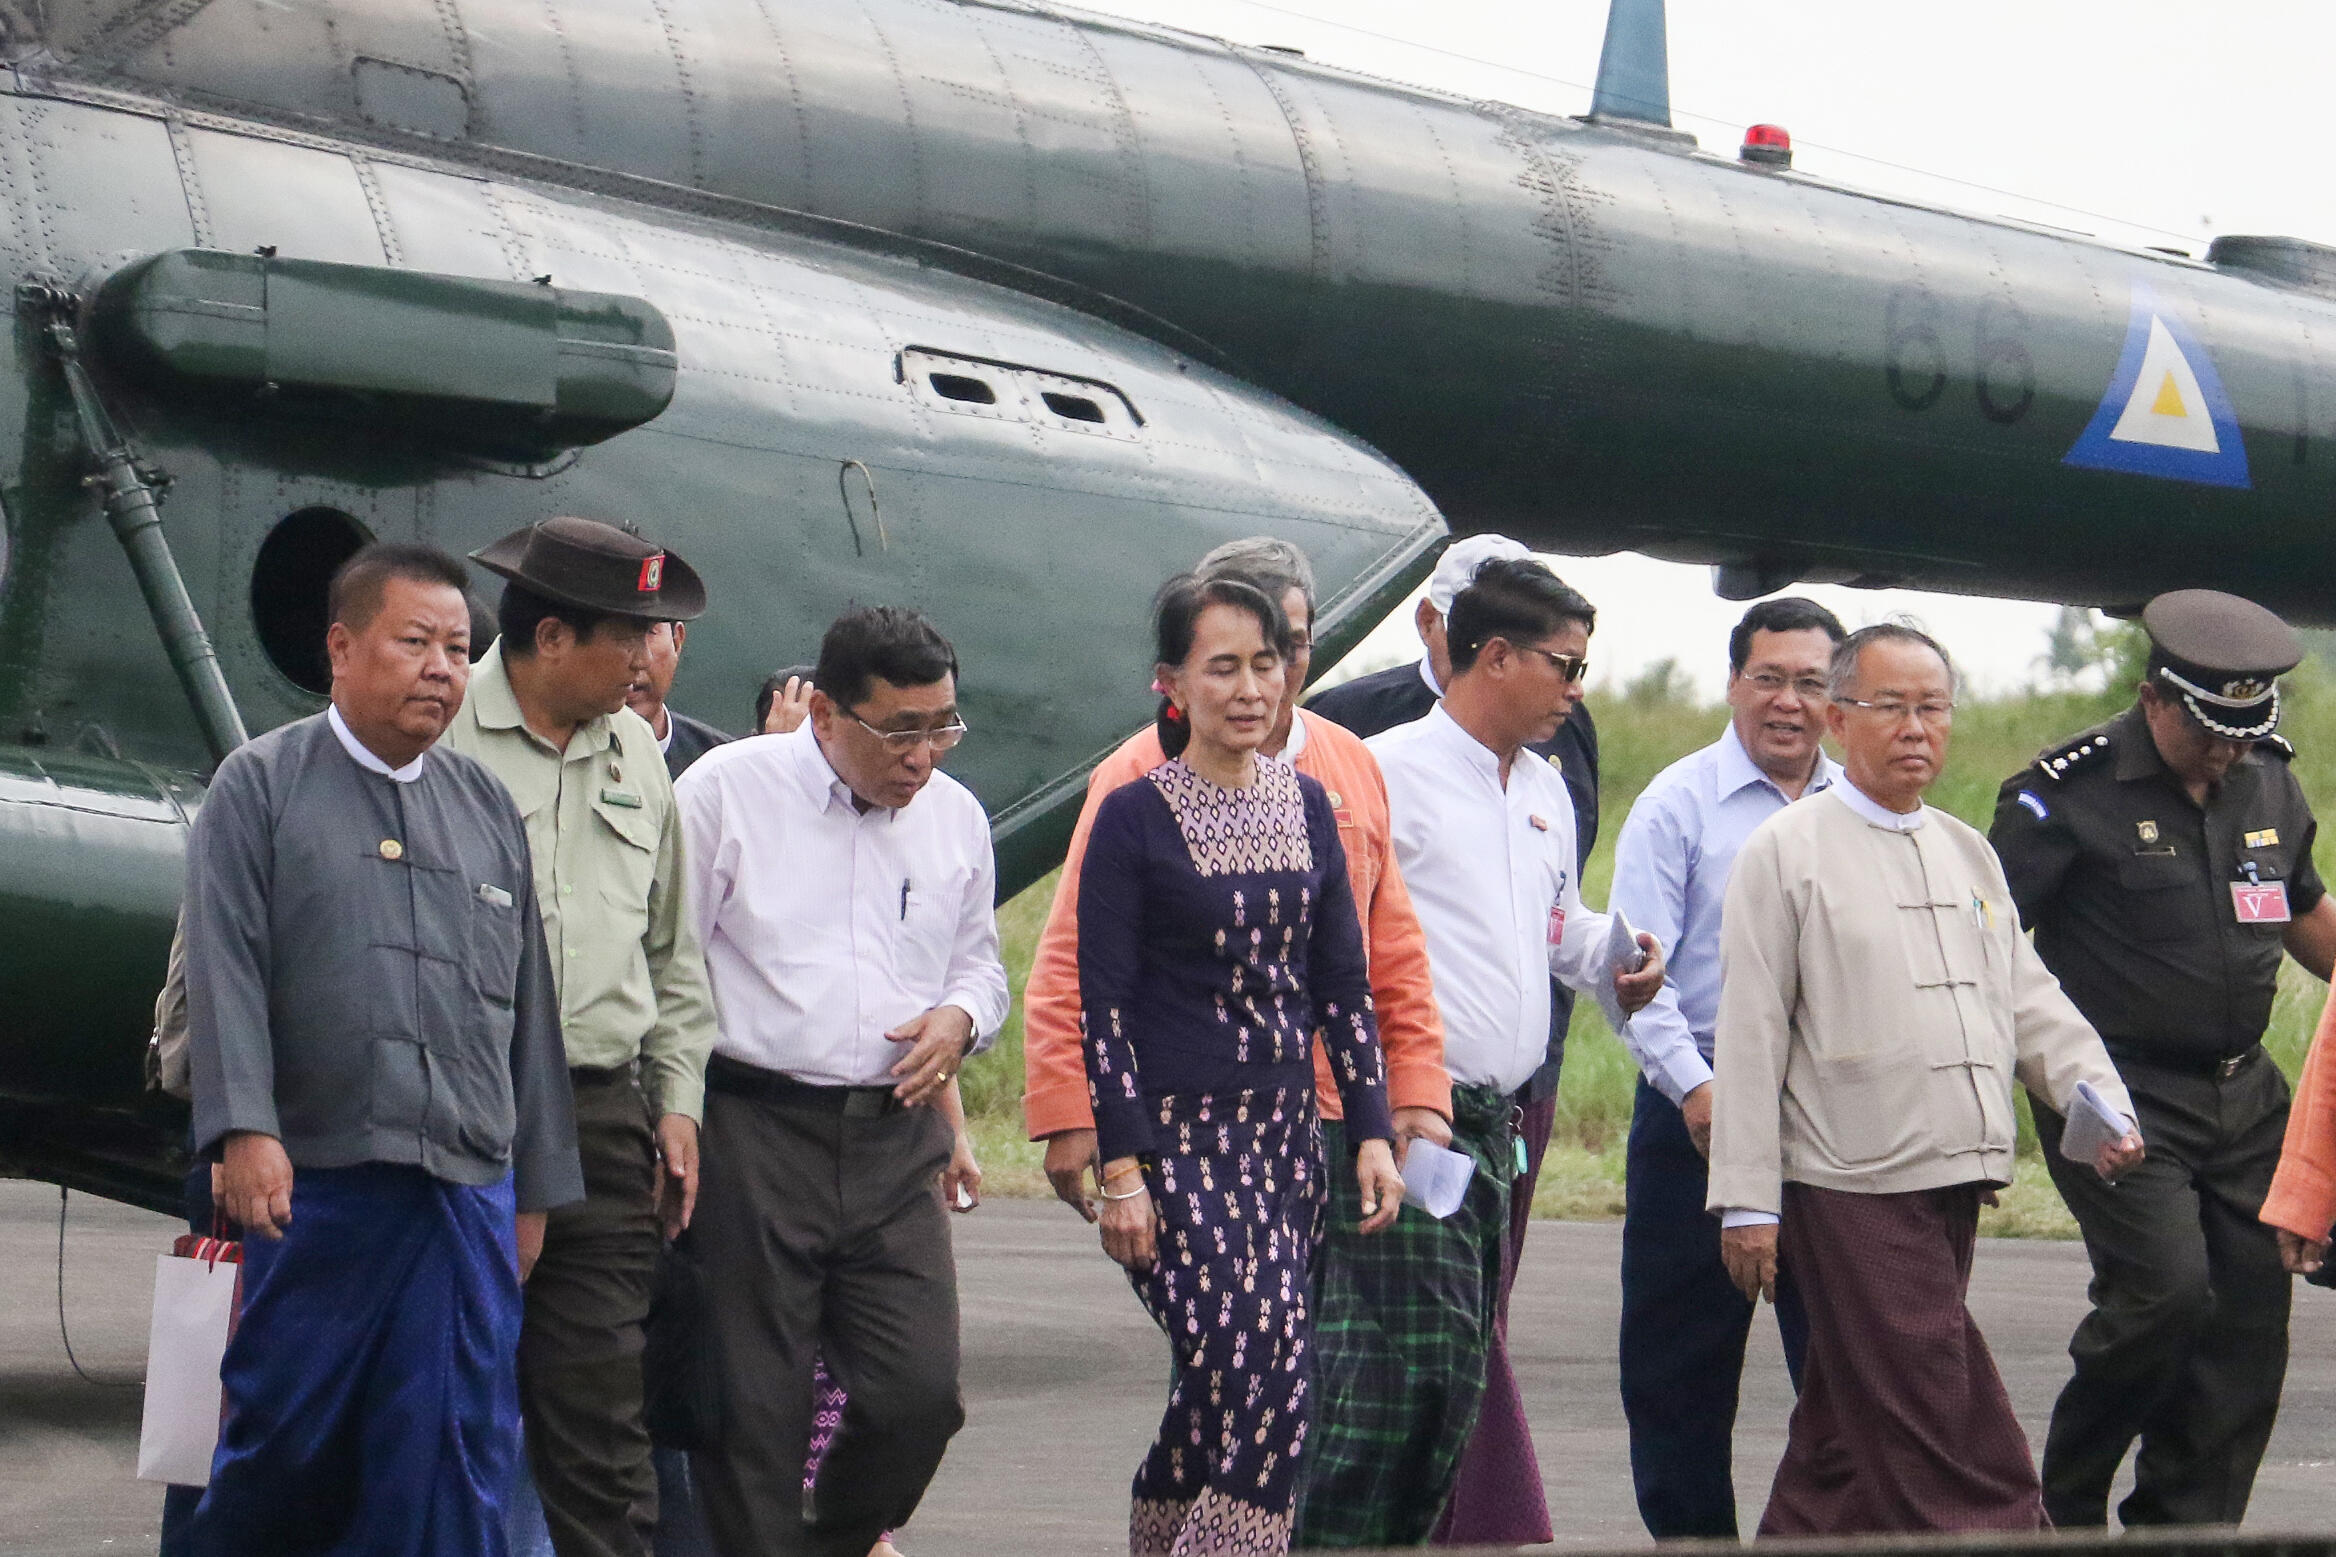 Cố vấn Nhà nước Miến Điện Aung San Suu Kyi (G) tại sân bay Sittwe ngày 02/11/2017 khi đến thăm thị trấn Maungdaw, bang Rakhine.